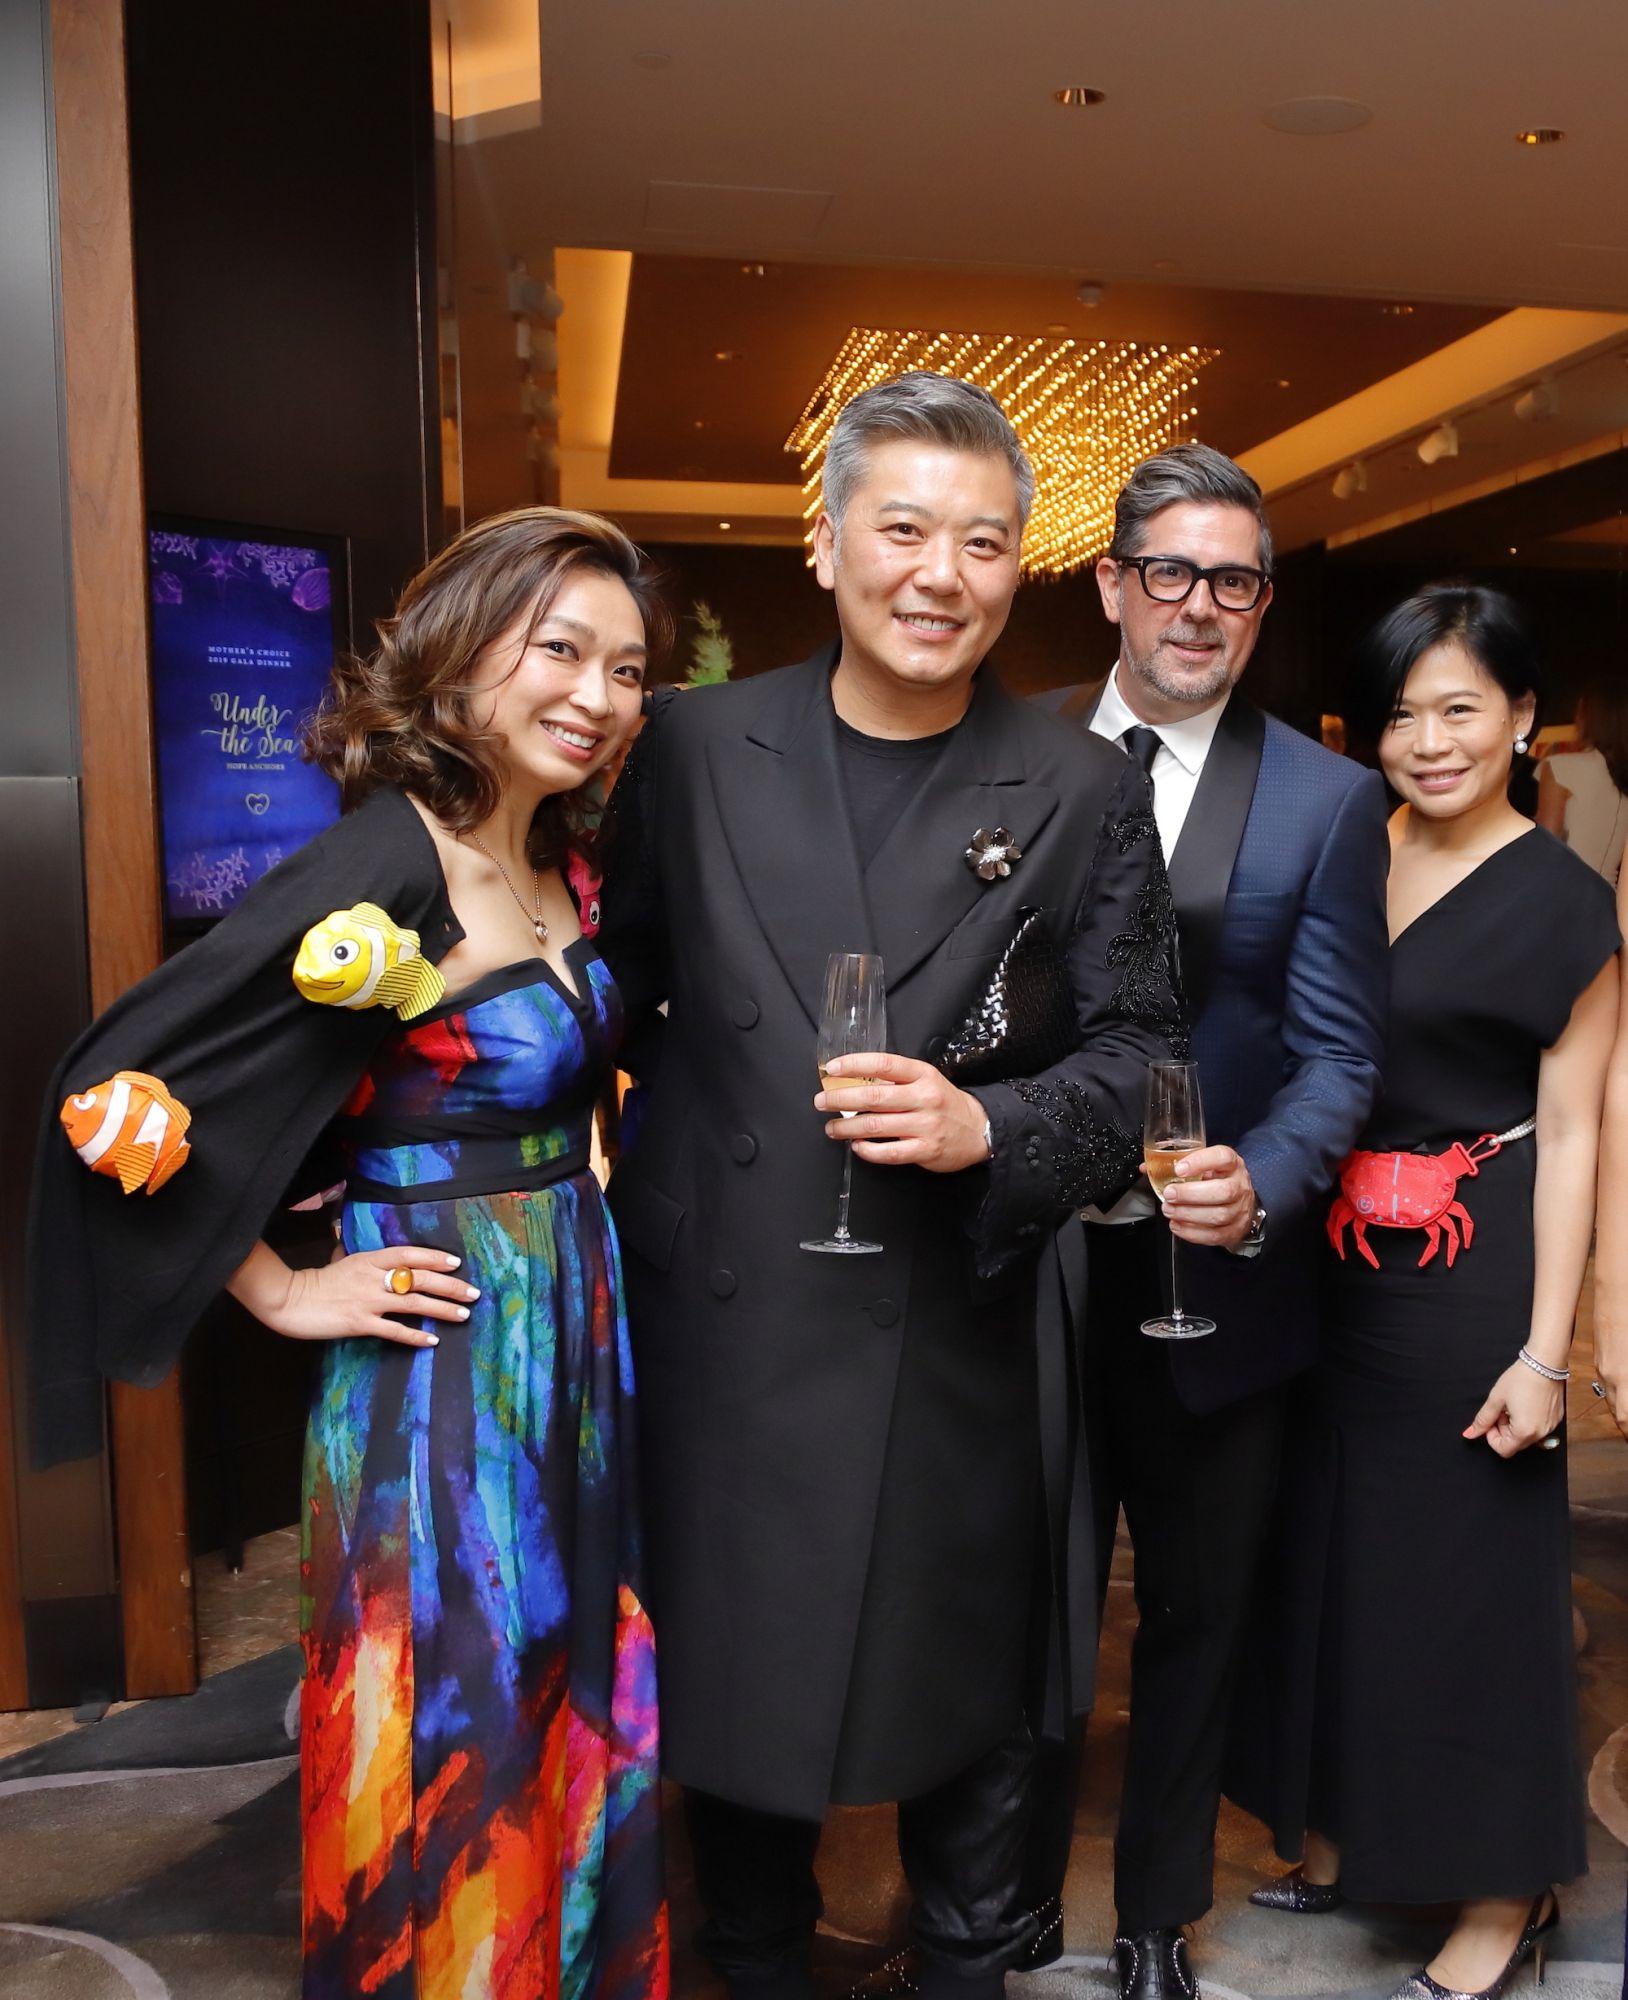 Emelda Wong-Trainor, Peter Cheung, Francisco Anton-Serrano, Angela Cheng-Matsuzawa